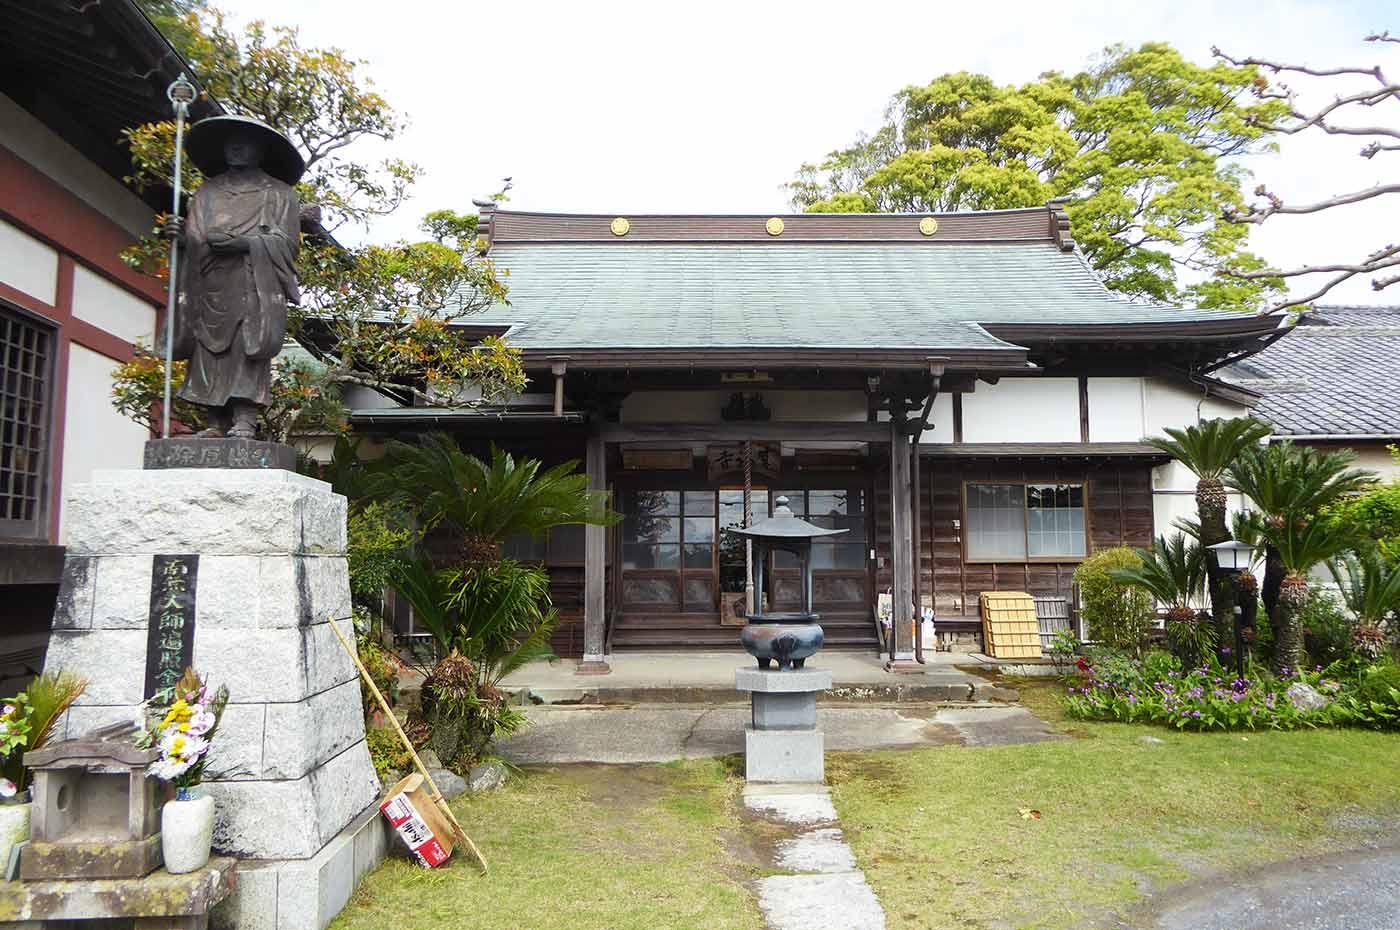 来福寺の境内